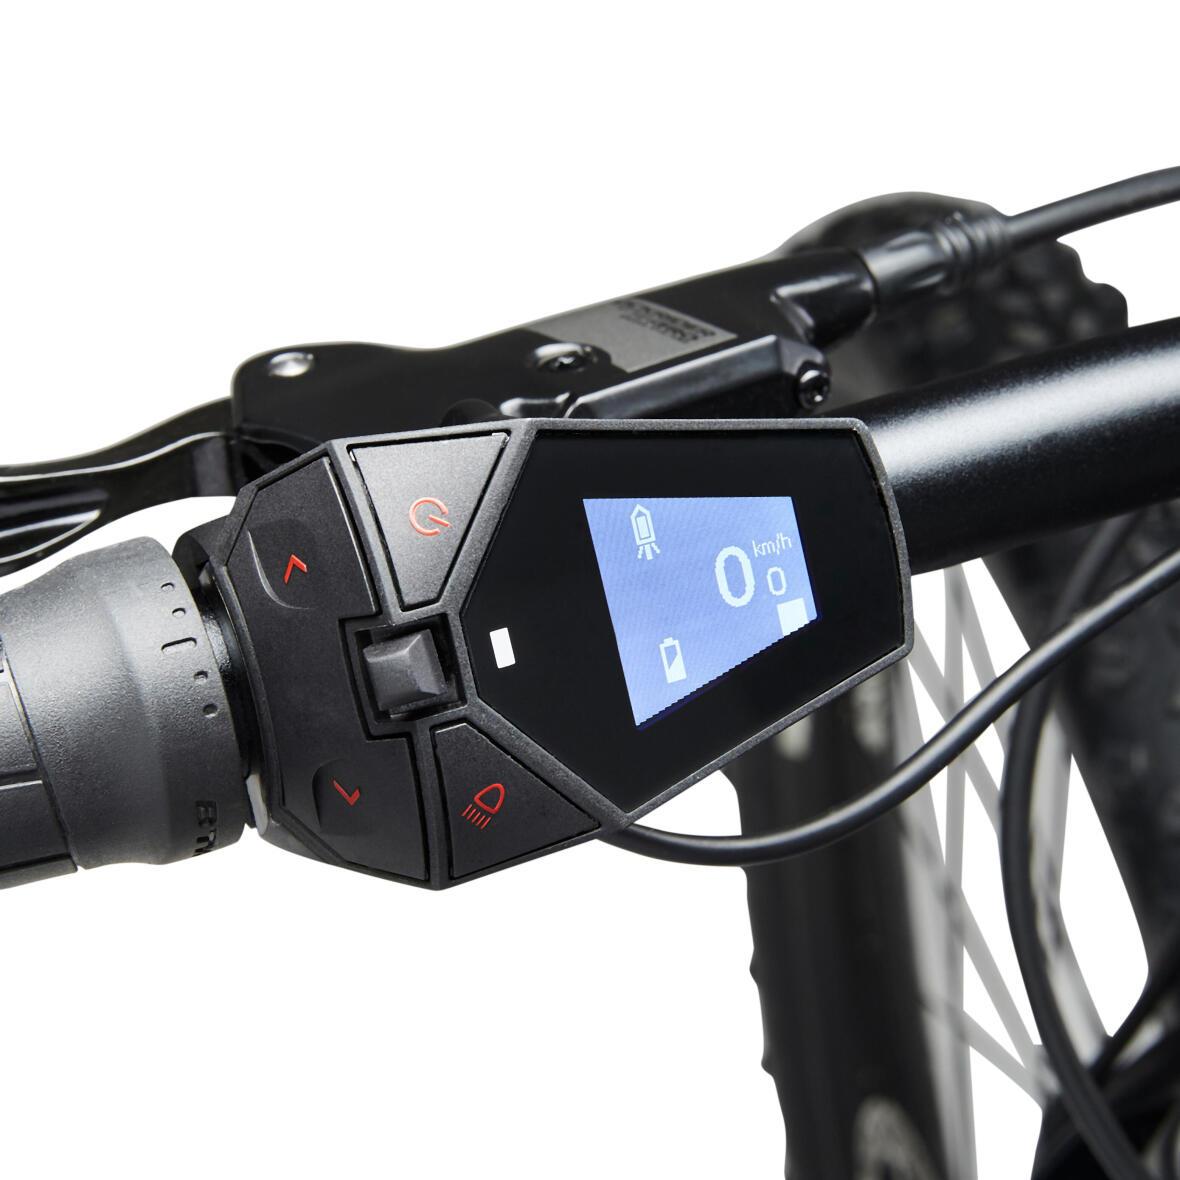 buttons screen rockrider e-st 900 mountain bike